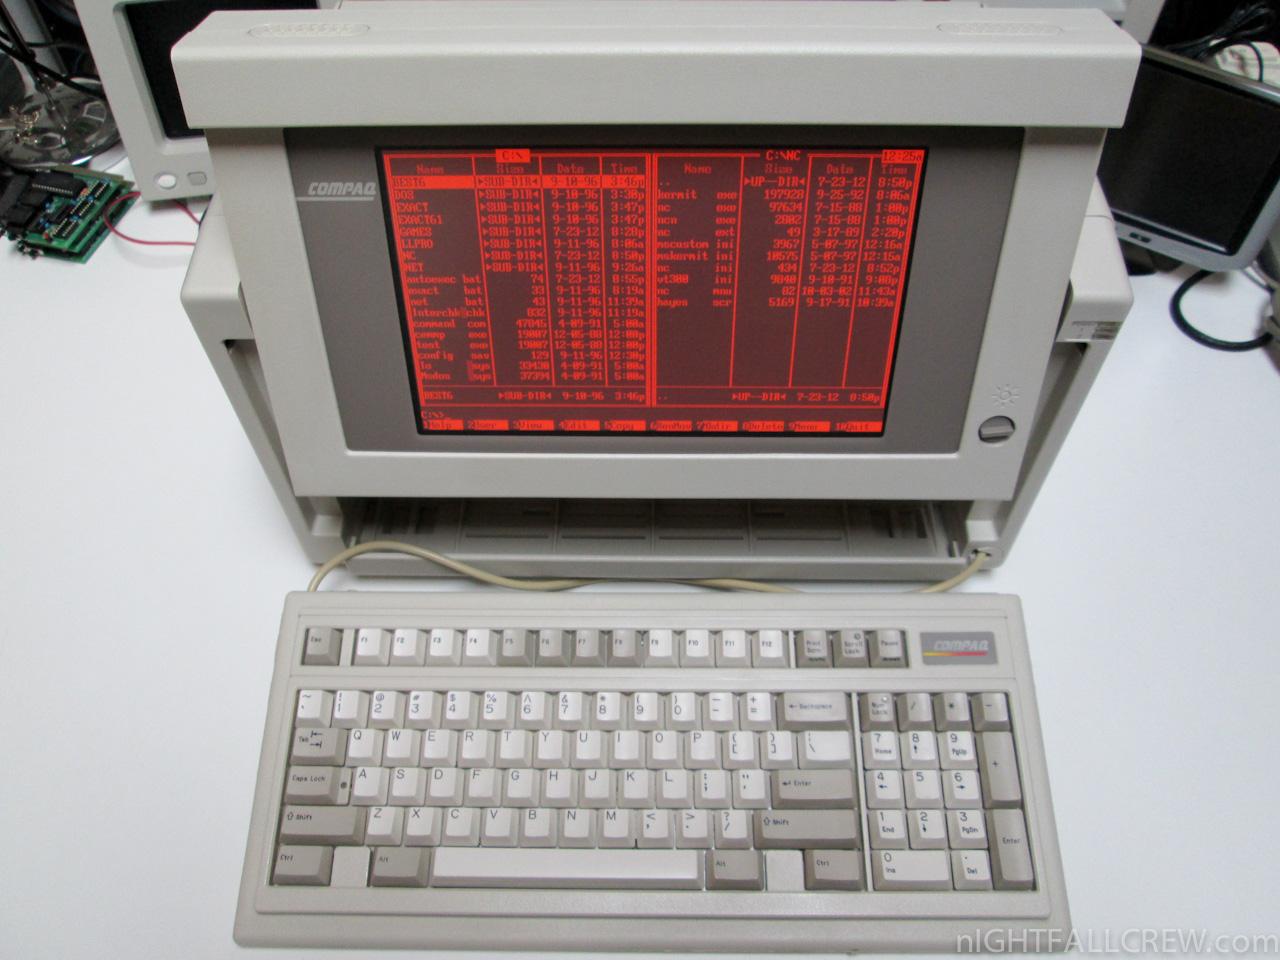 Compaq Portable 386 | Old, broken junk.